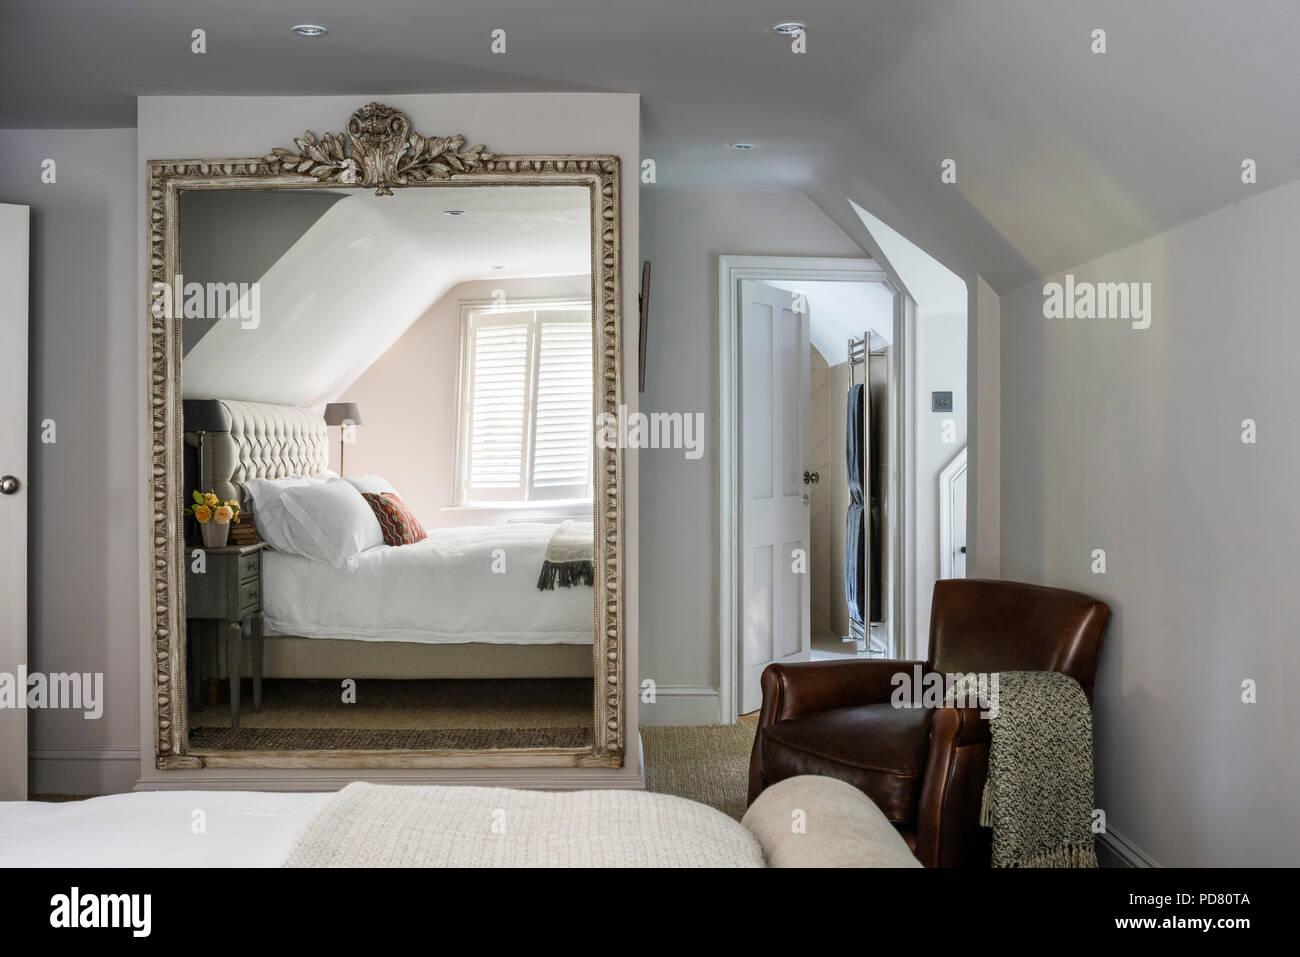 Camere Da Letto Divani E Divani.Poltrona In Pelle E Di Un Grande Specchio Nella Camera Da Letto Con